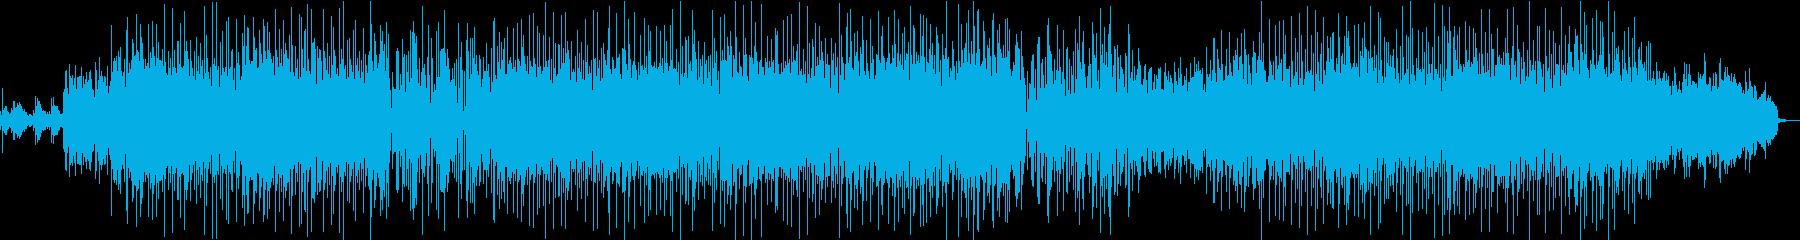 温かいエレピが印象的なポップス系BGMの再生済みの波形